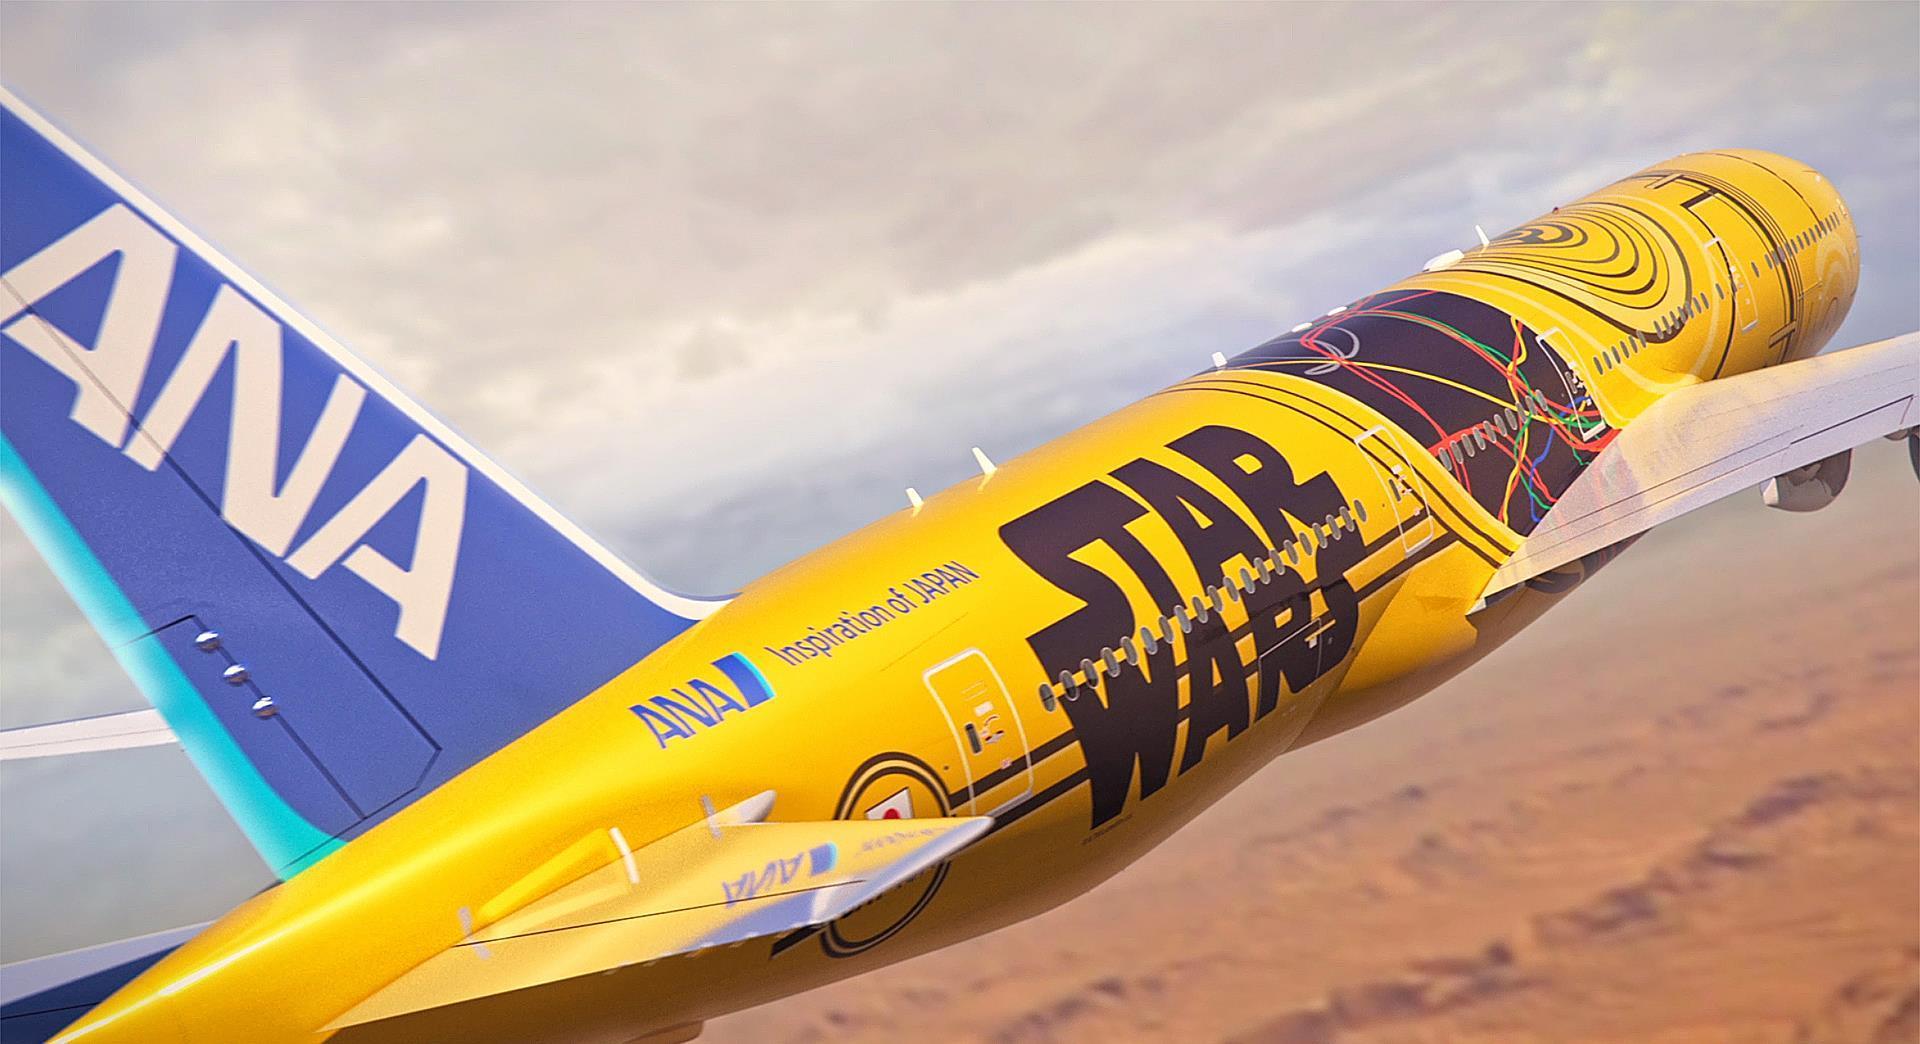 Llega un nuevo avión de Star Wars